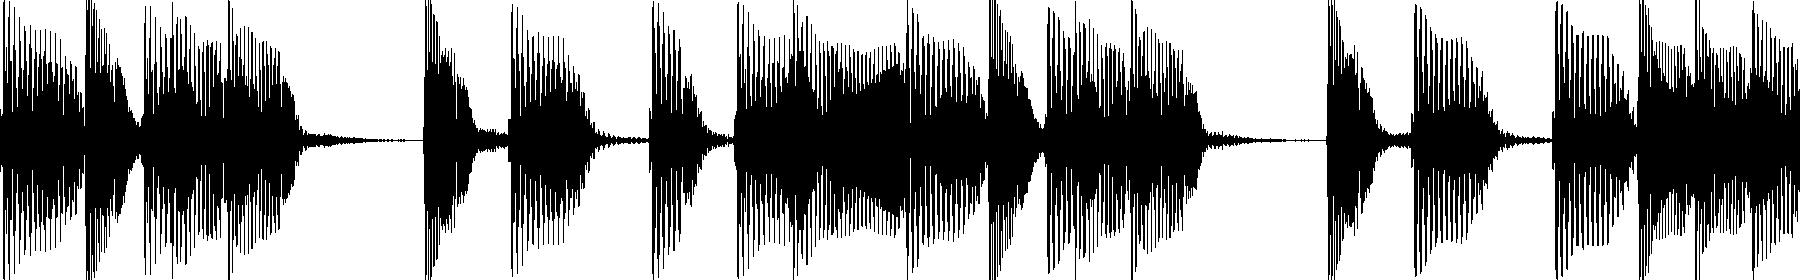 vedh melodyloop 081 gm 126bpm